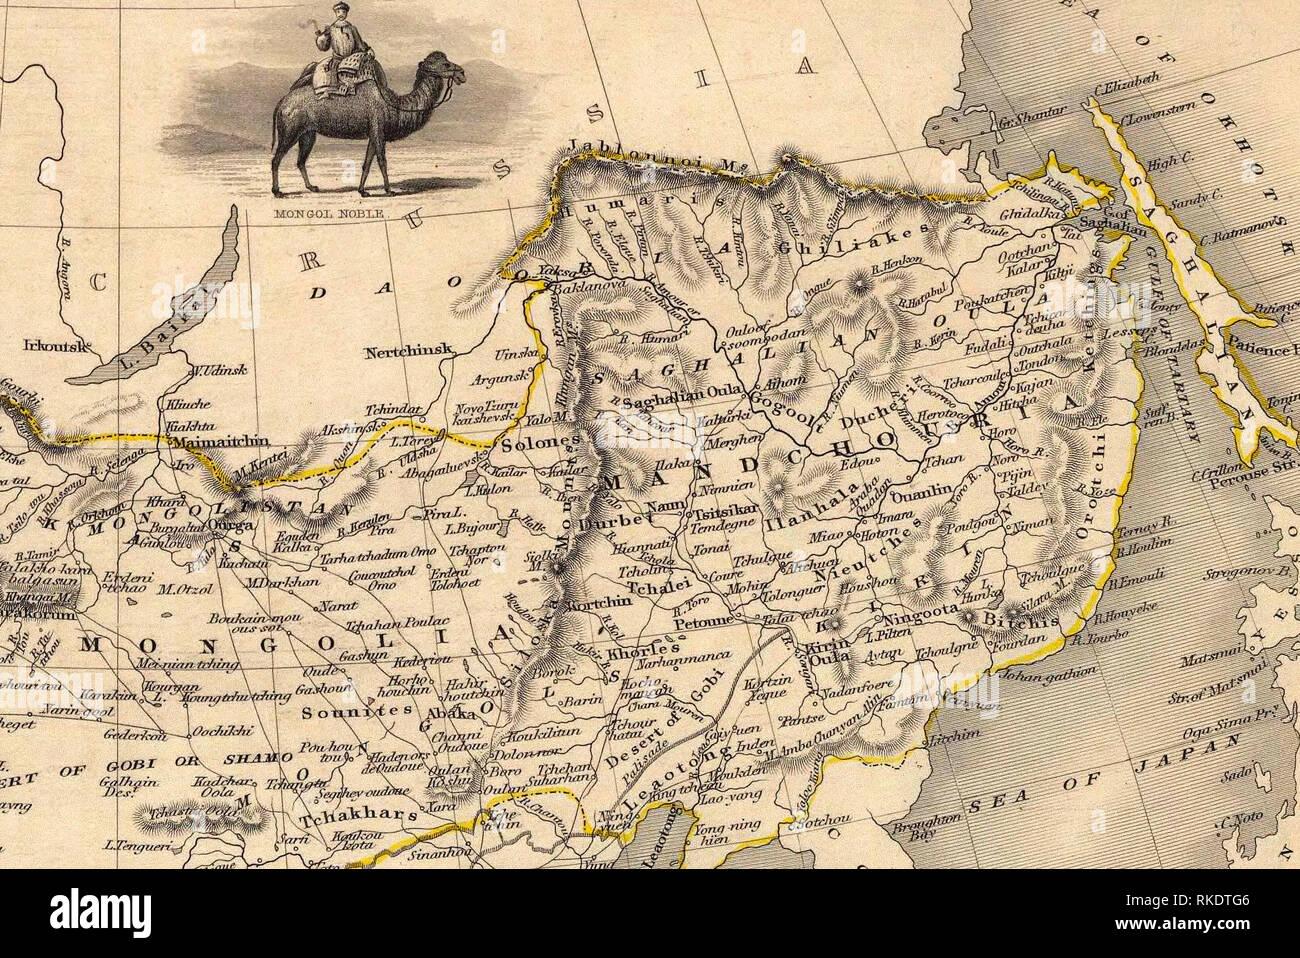 La sezione NE (Manciuria e Mongolia) della mappa del nord e la parte occidentale dell'Impero Cinese - Thibet, Mongolia, e Mandchouria. I confini sono mostra come per il 1858 trattato di Aigun. Immagini Stock